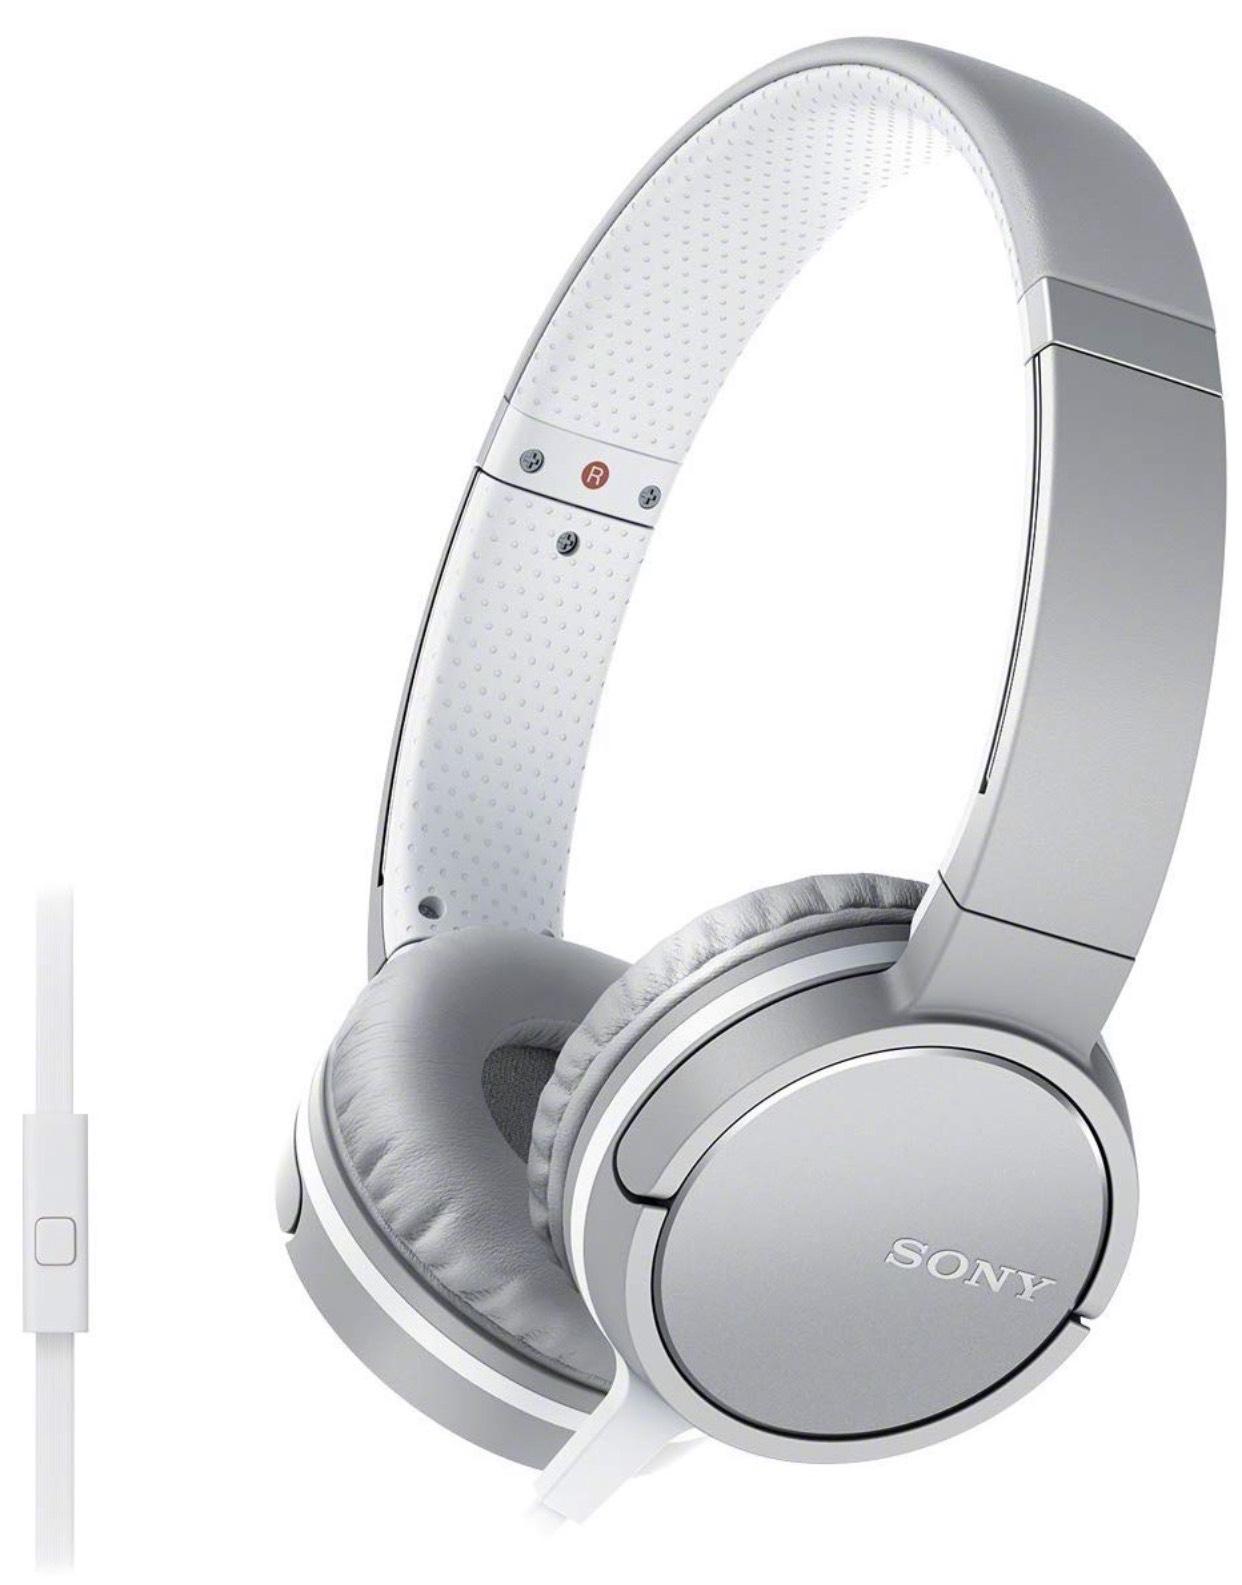 Sony MDR-ZX660AP Kopfhörer mit Headsetfunktion und In-Line-Remote weiß